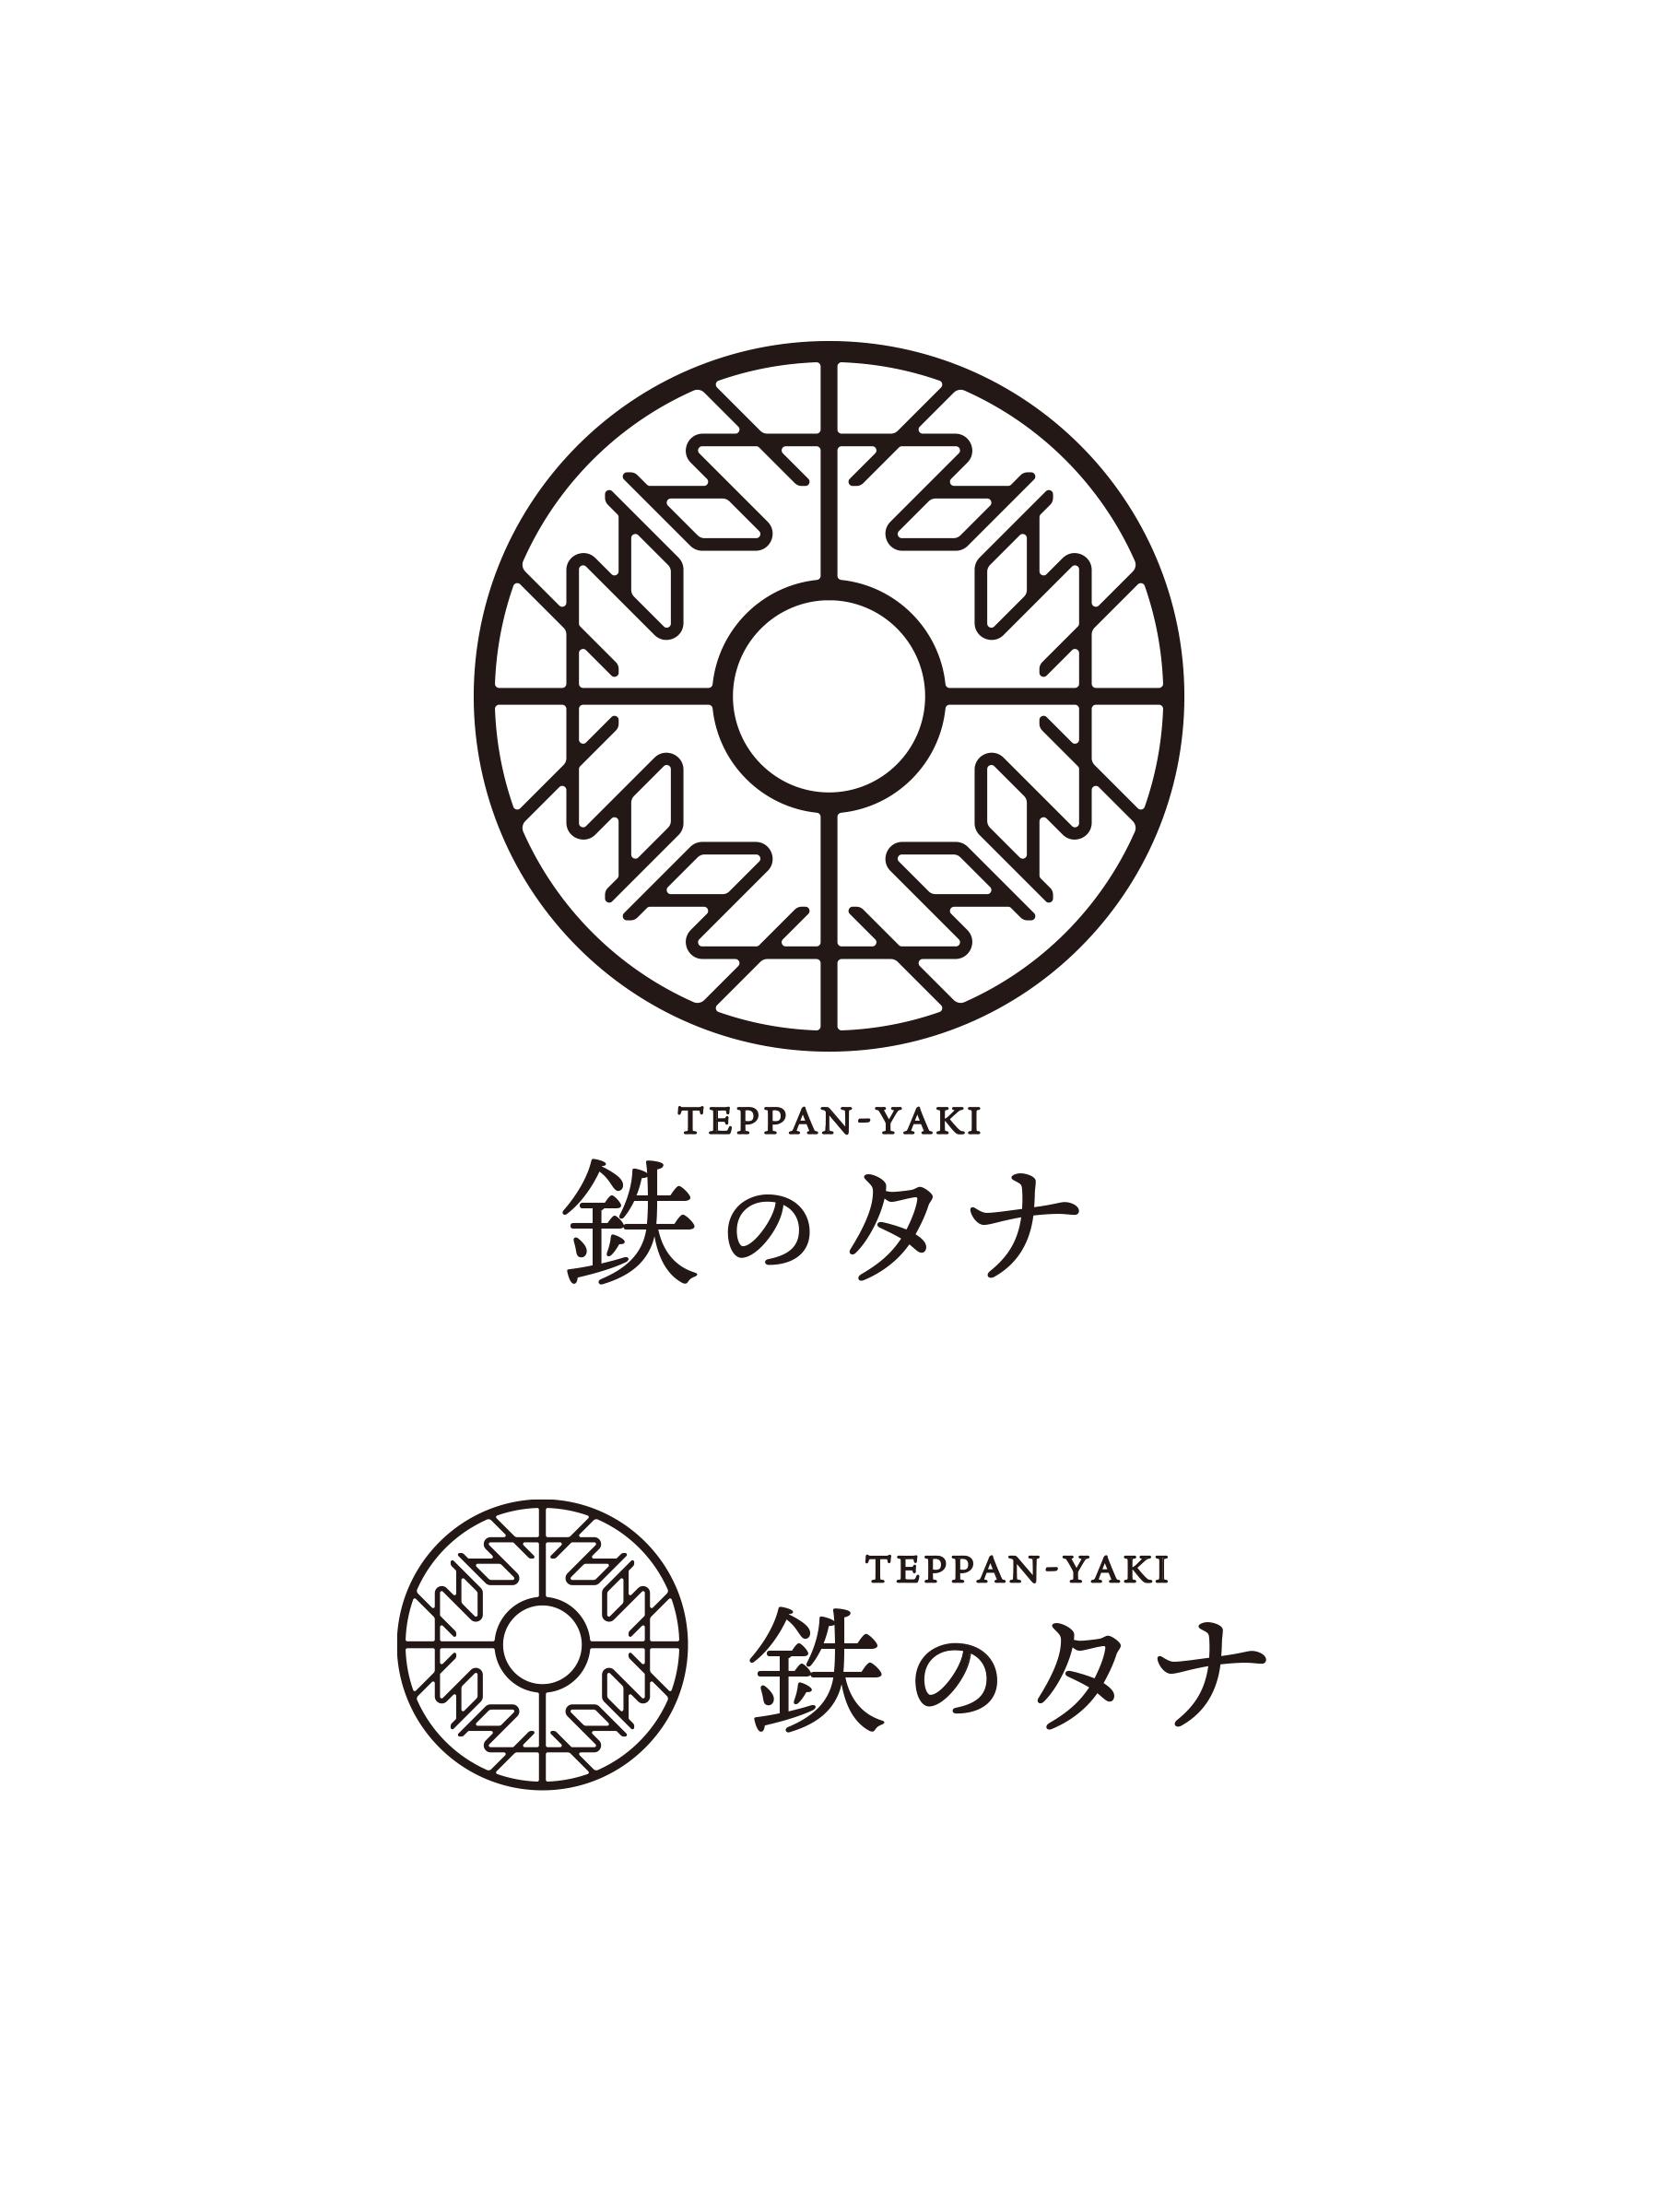 鉄のタナ 世田谷代田 ロゴマーク